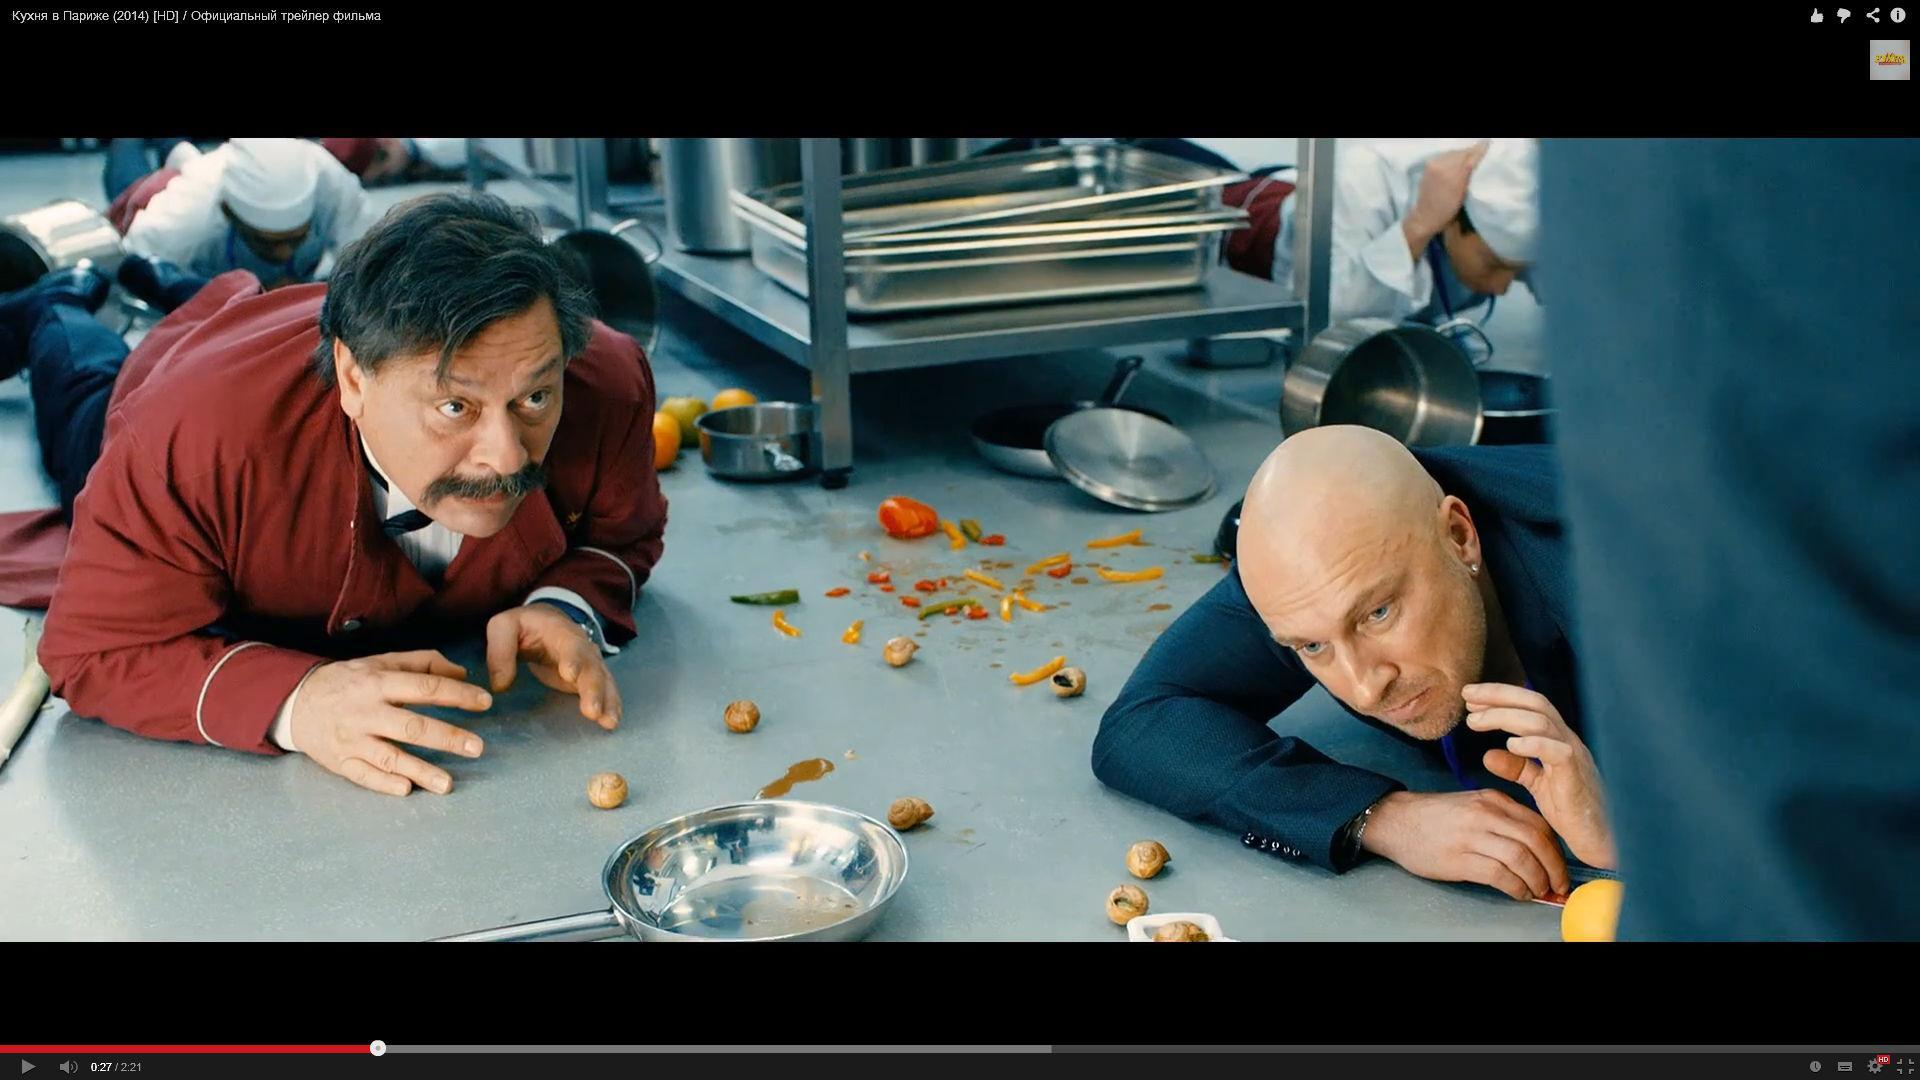 Кухня в Париже (2014) смотреть онлайн или скачать фильм ...